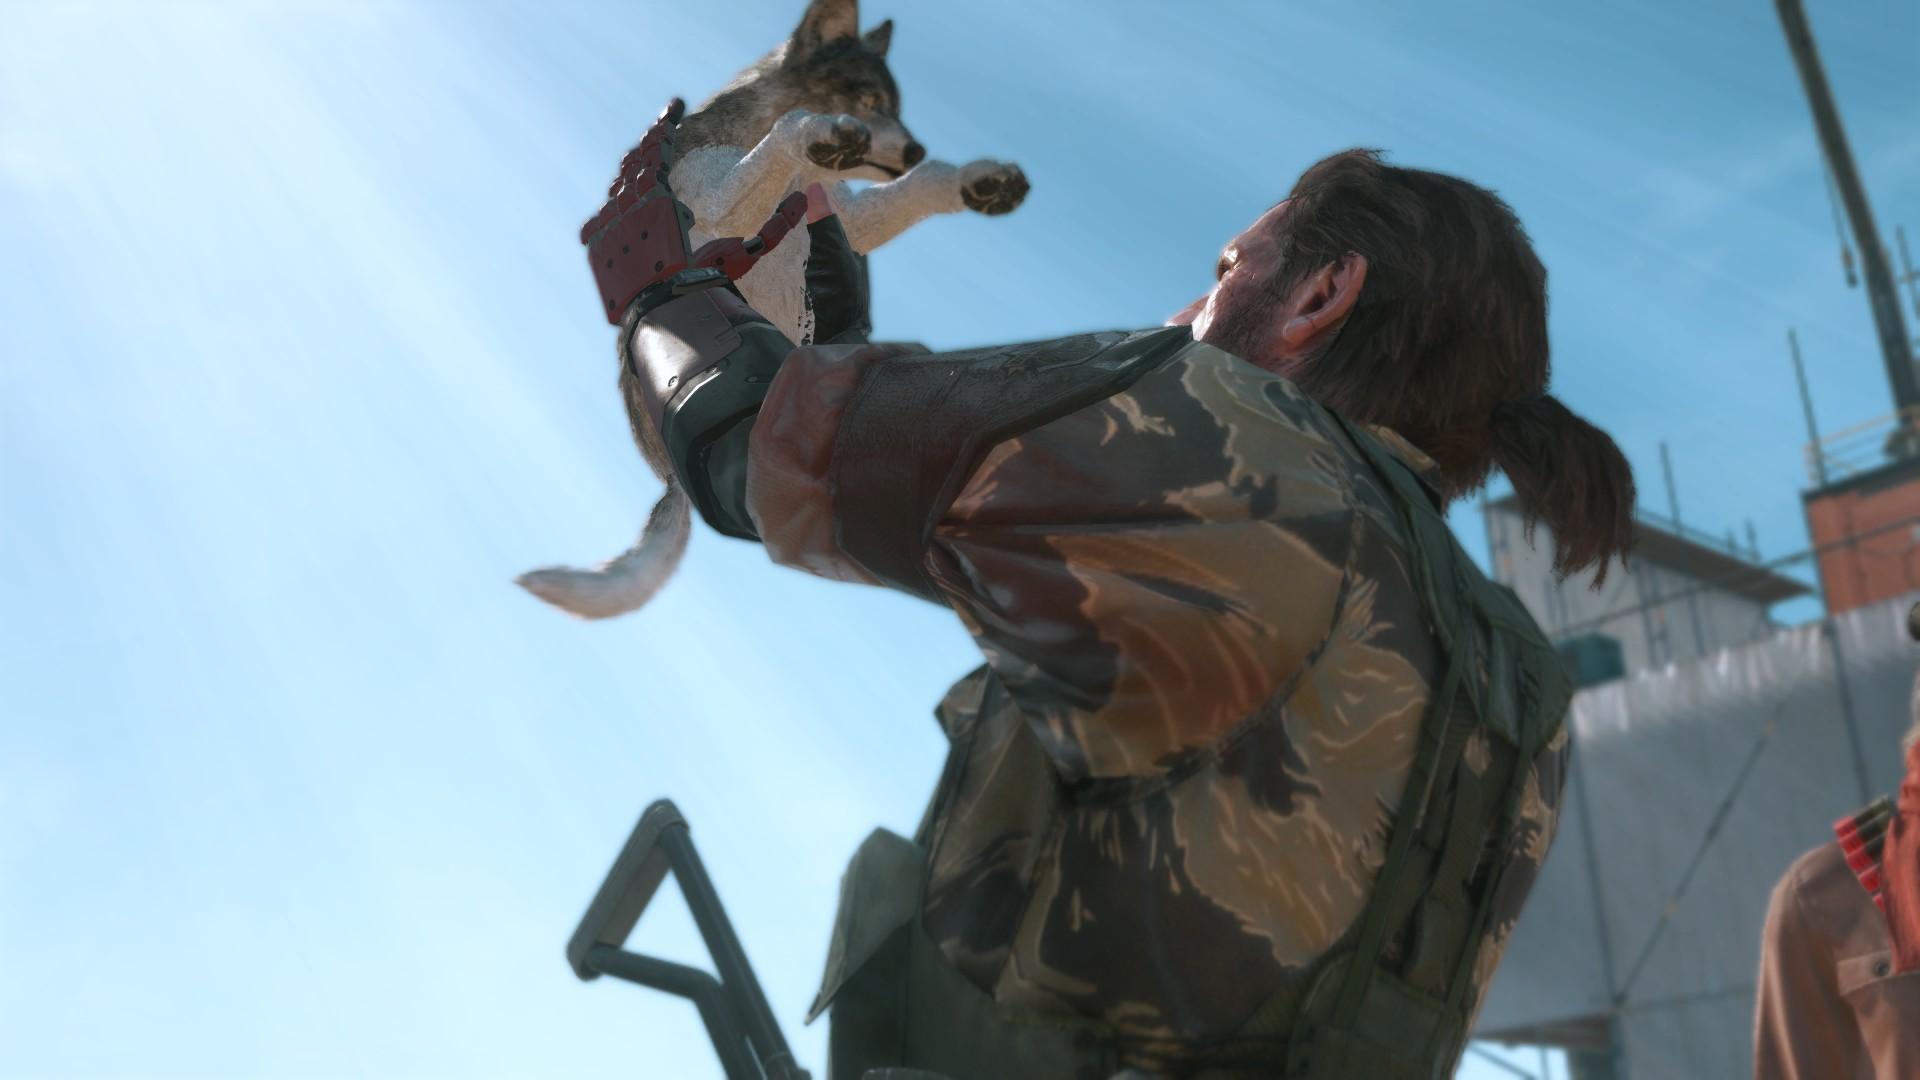 6 sept. 2015 ... Test de Metal Gear Solid V : The Phantom Pain. Déjà six .... Puisque nous  parlons du scénario, évoquons la durée de vie du soft. Un Metal...